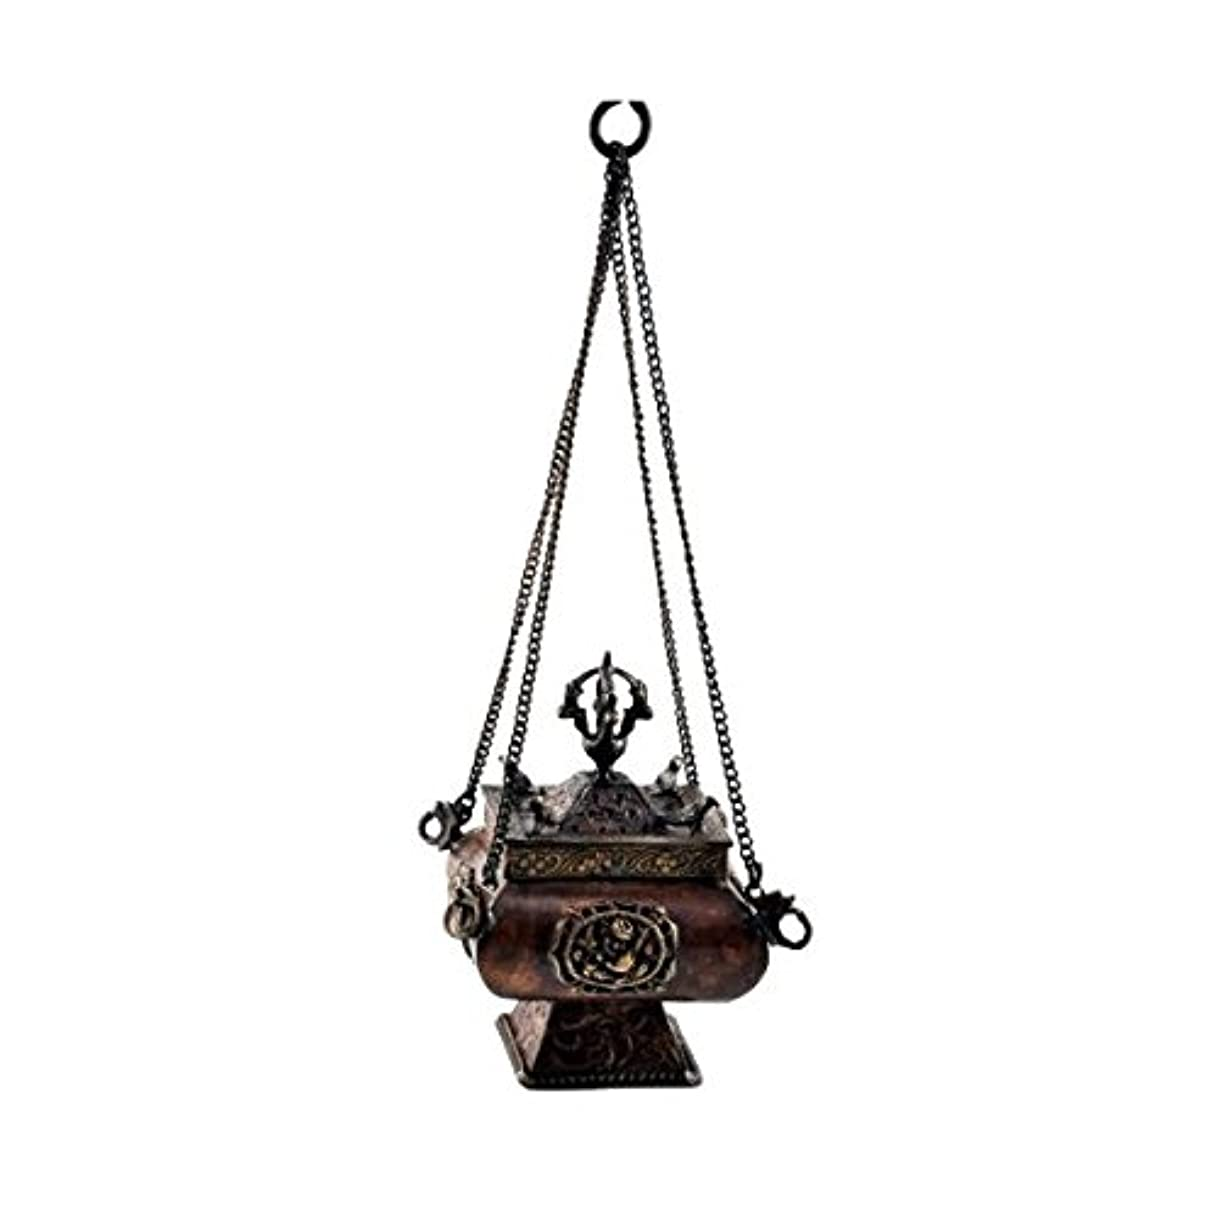 キウイわざわざ磨かれたプレミアム品質銅真鍮Hanging Incense Burner Incense Burner